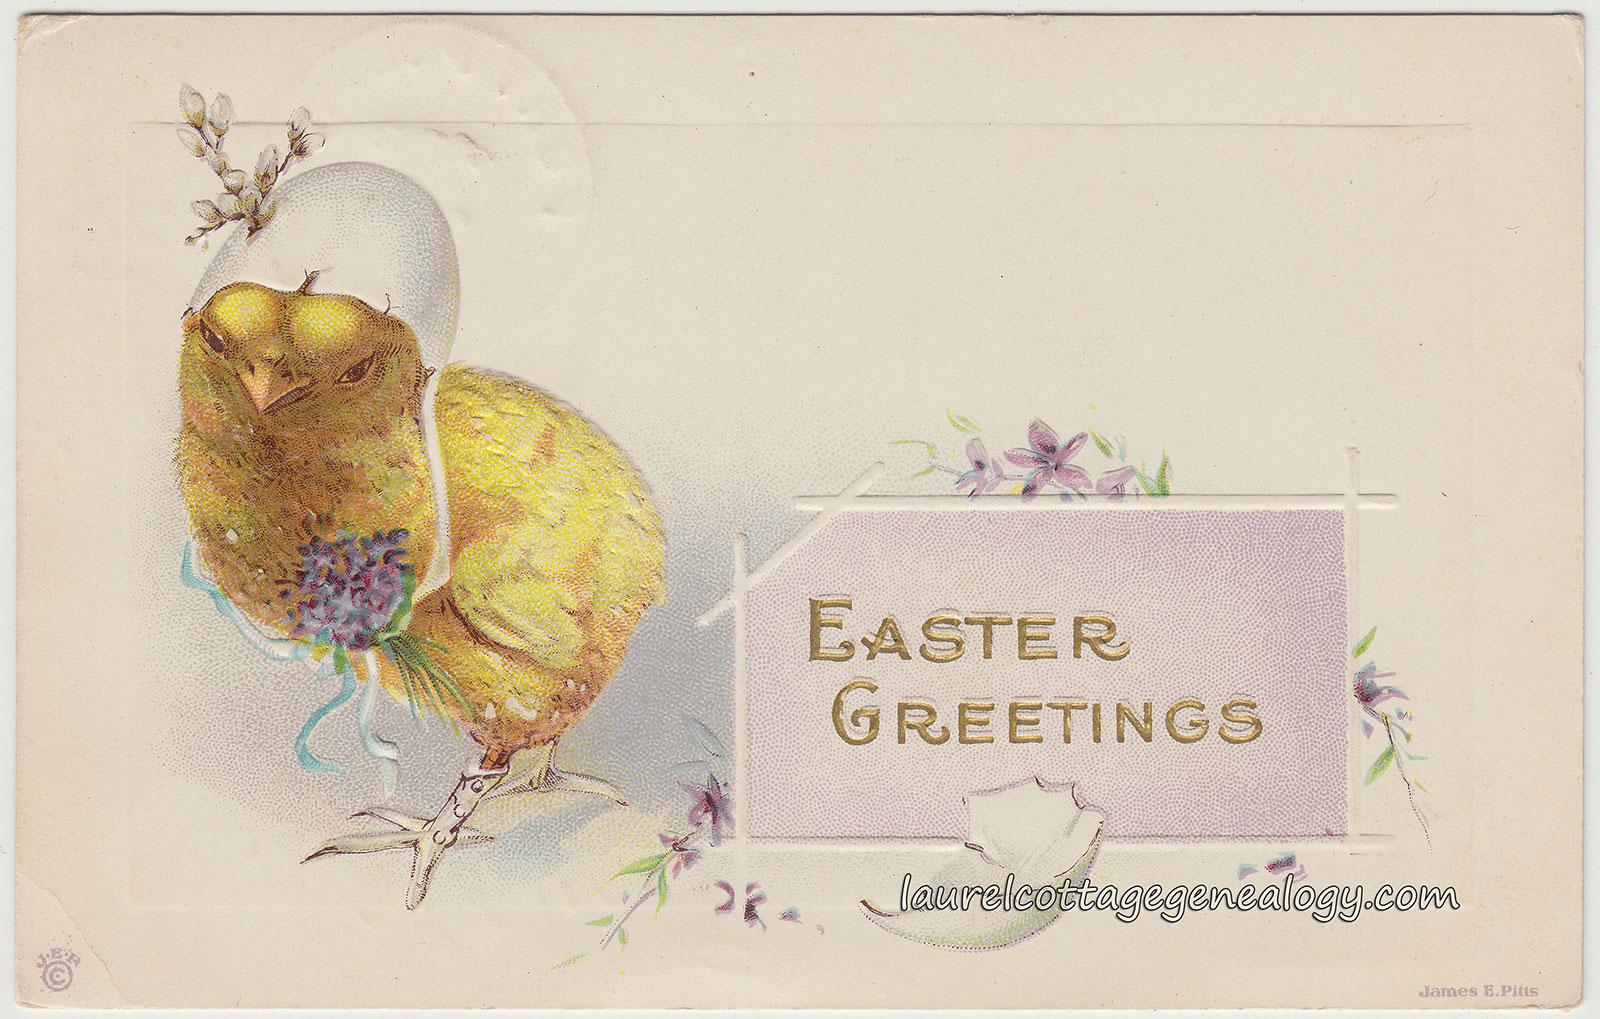 Easter laurel cottage genealogy easter chick for lily v herrling pc1 kristyandbryce Images